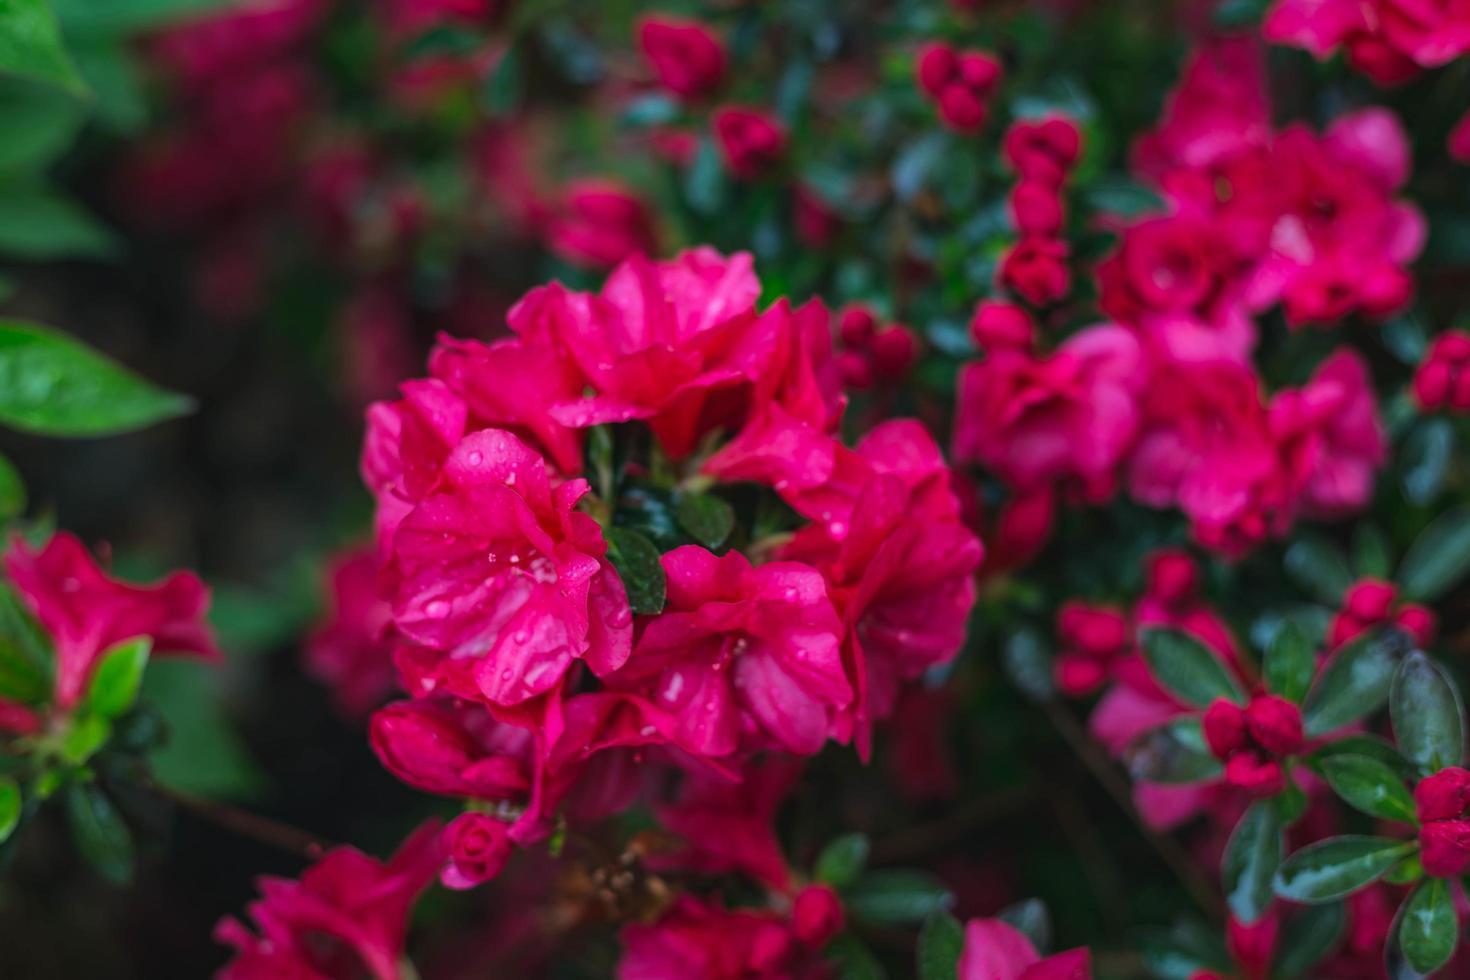 Nahaufnahme von leuchtend roten Blumen foto